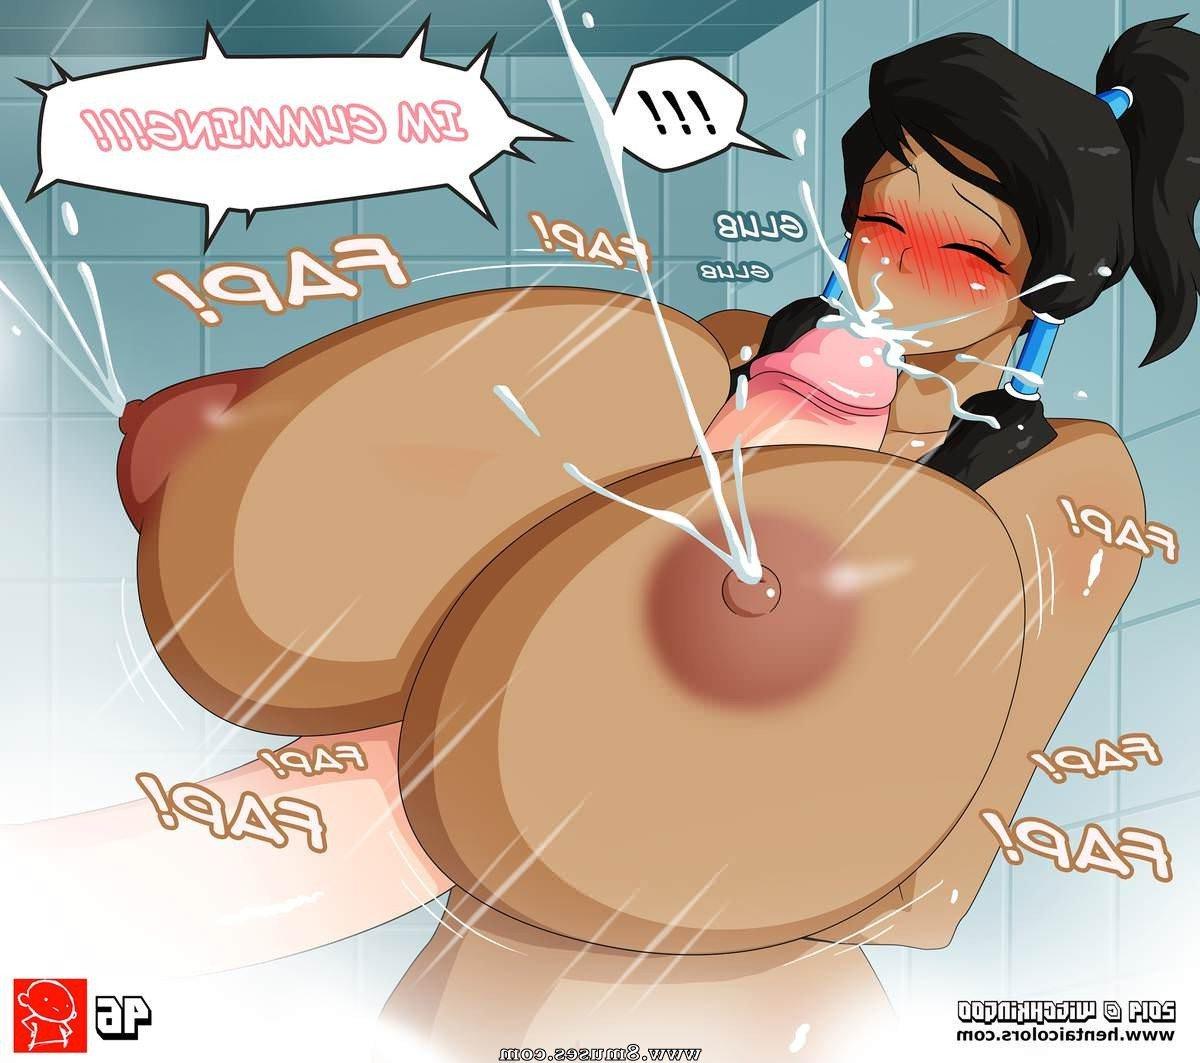 comics/porn-comics-all/Witchking00-Comics/The-Legend-of-Korra/Issue-1 The_Legend_of_Korra_-_Issue_1_46.jpg